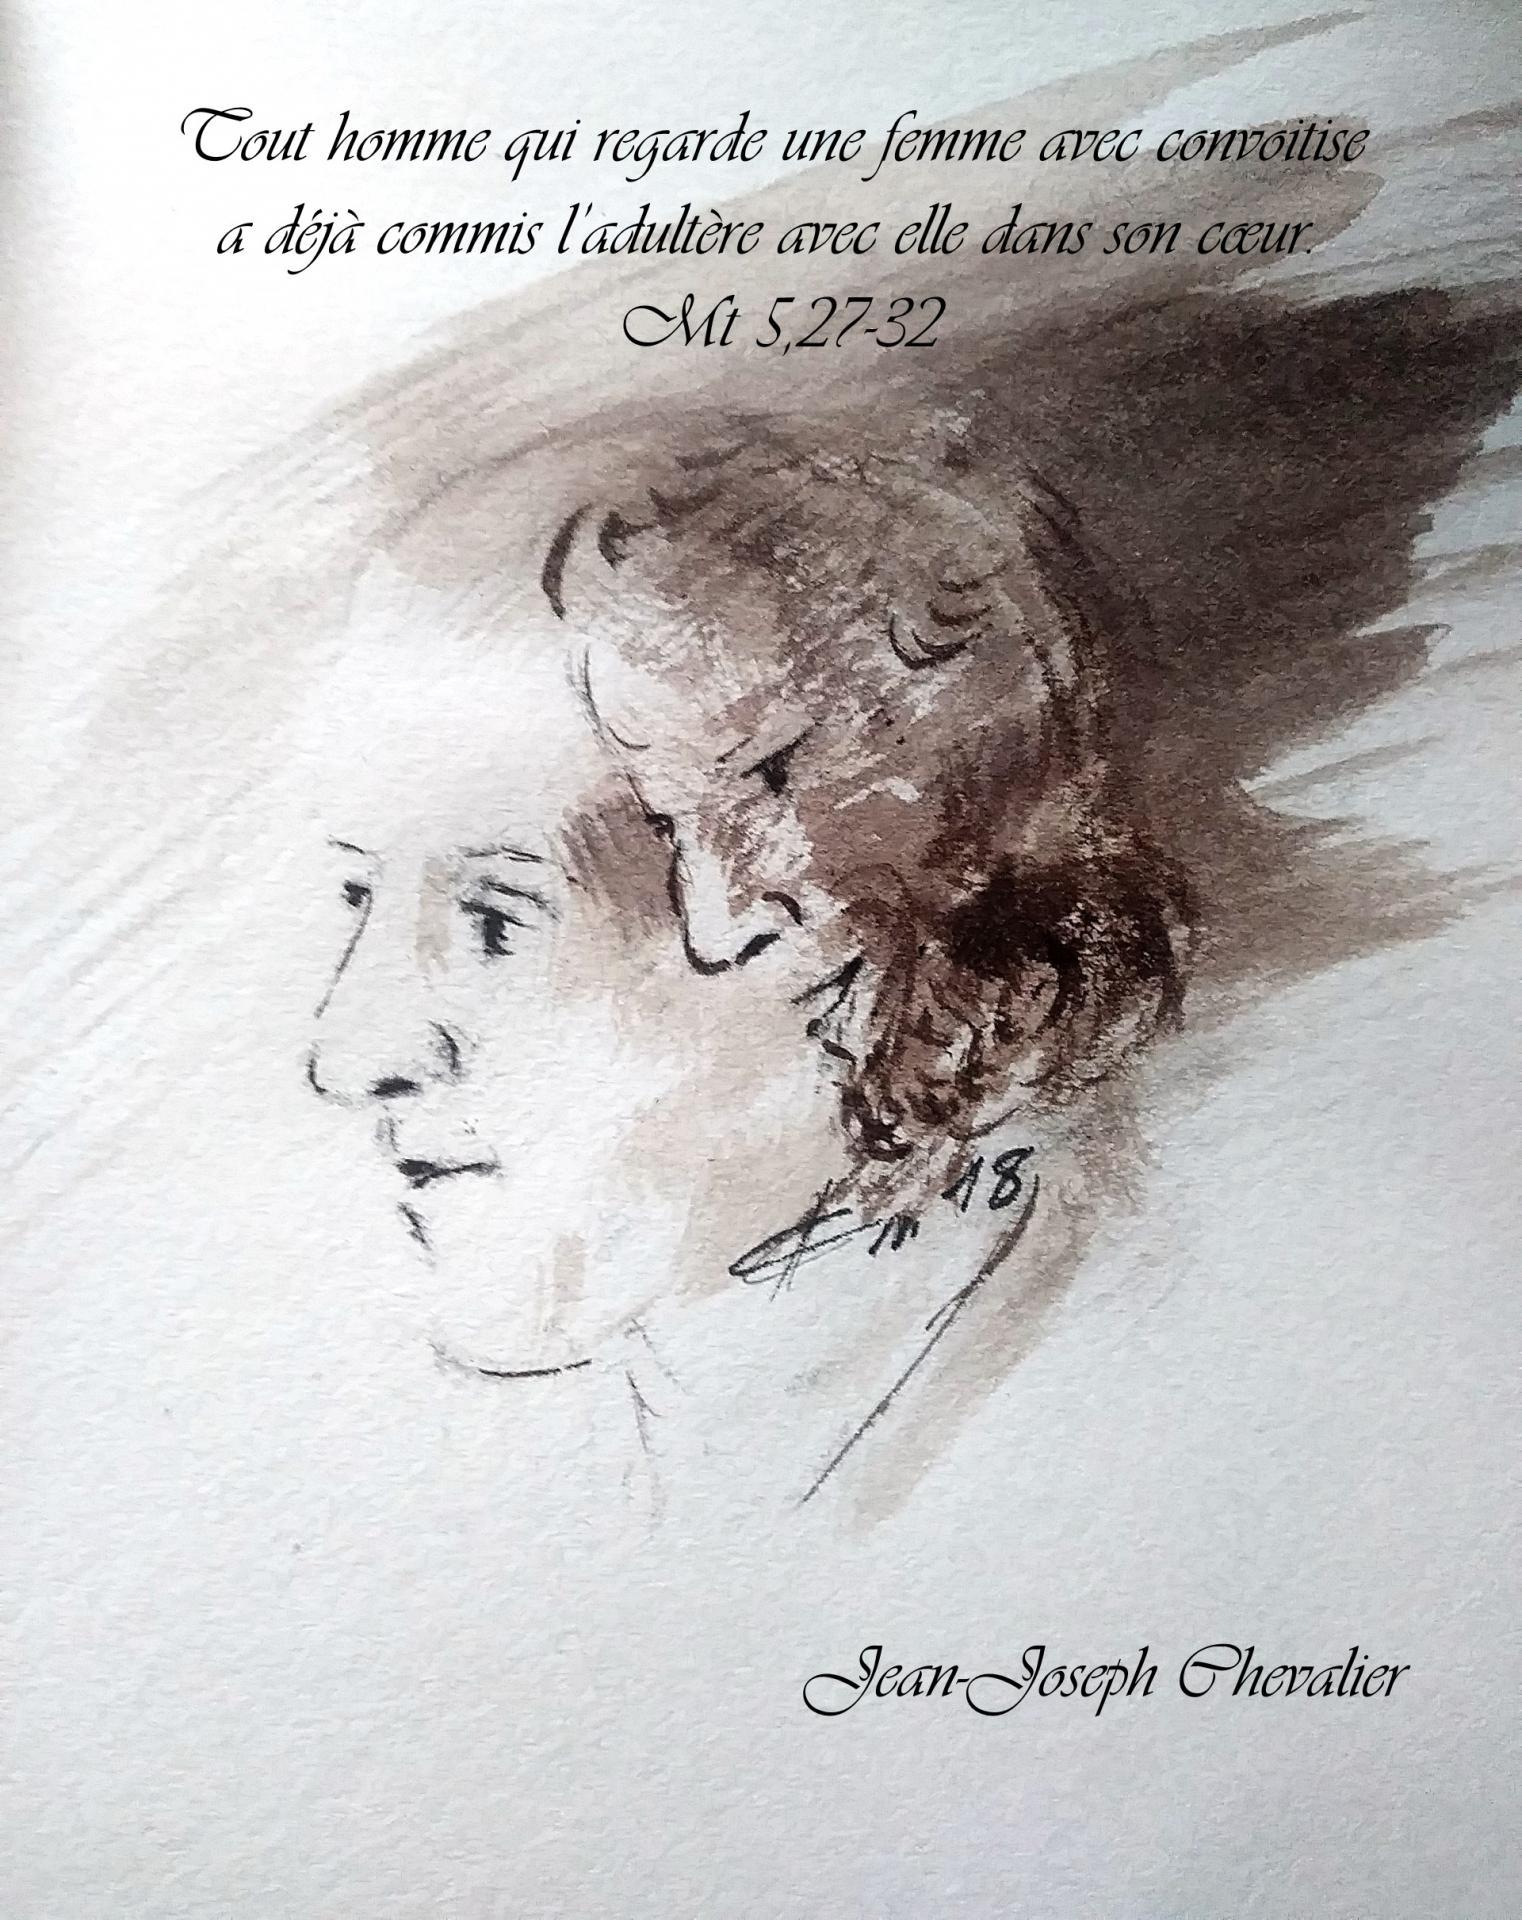 15 Juin 2018, évangile du jour illustré par un dessin au lavis